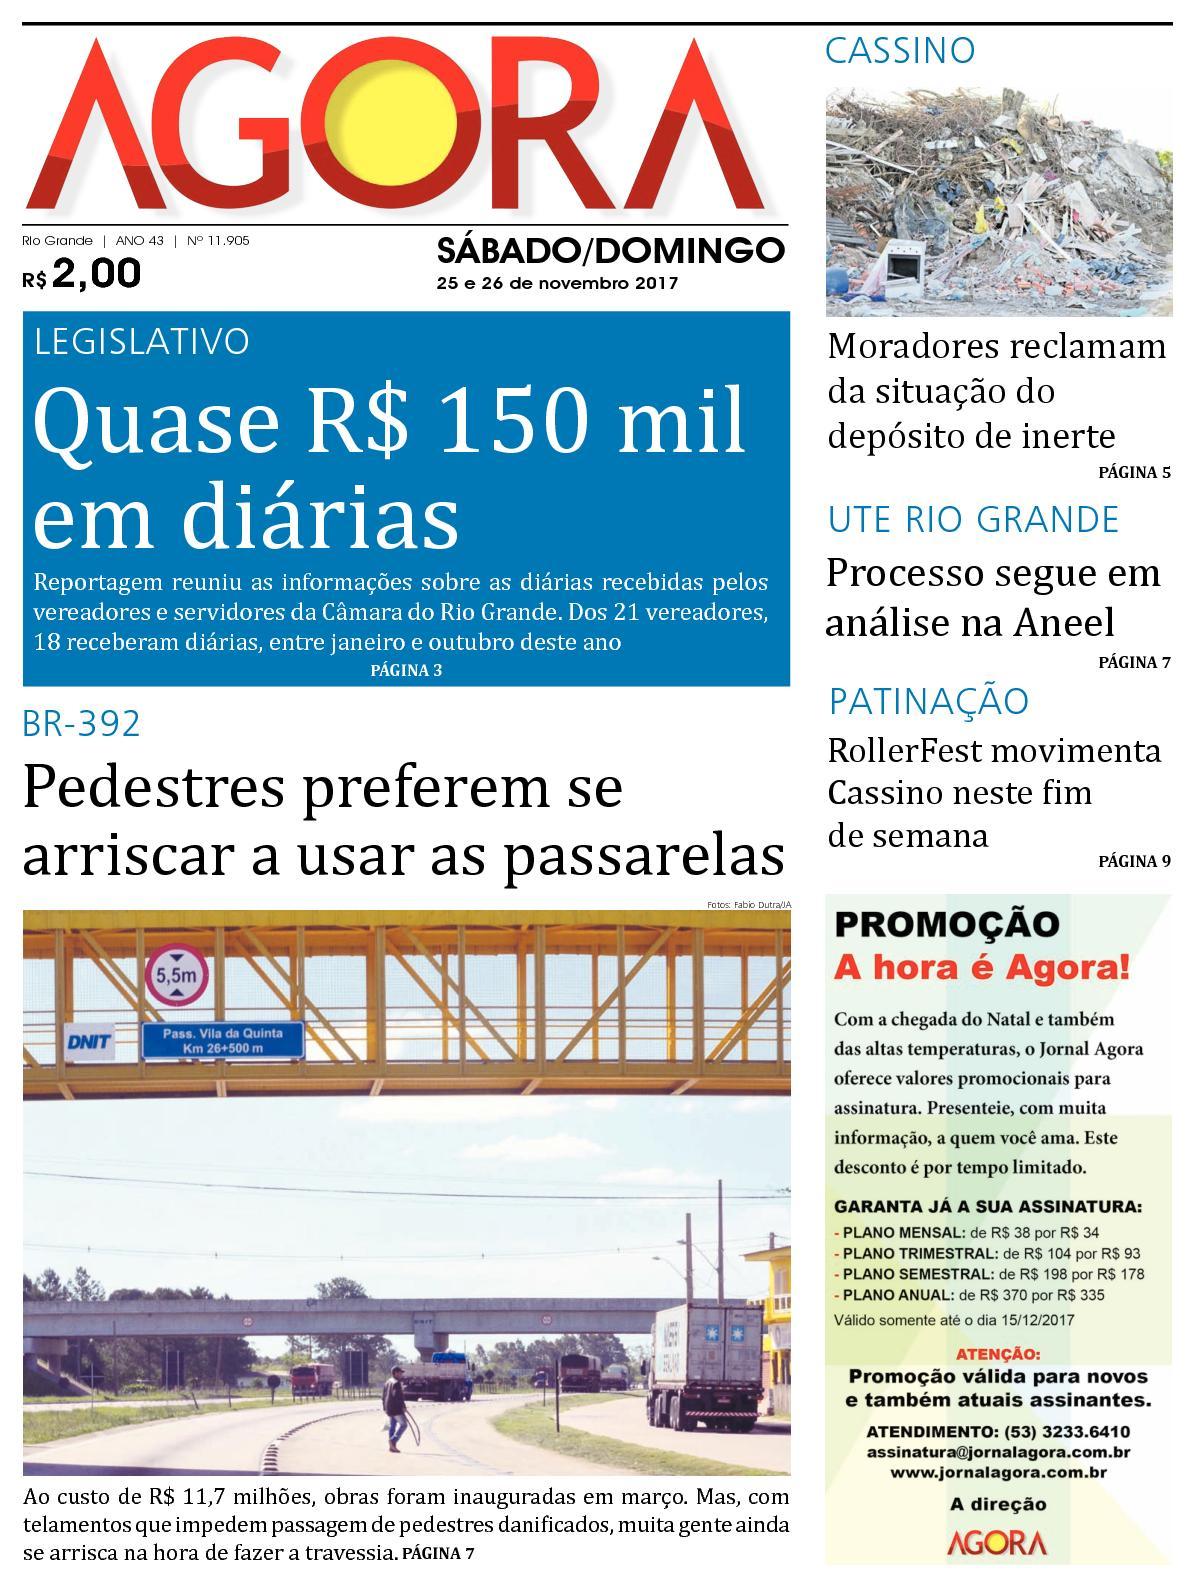 Calaméo - Jornal Agora - Edição 11905 - 25 e 26 de Novembro de 2017 13e890d3f5